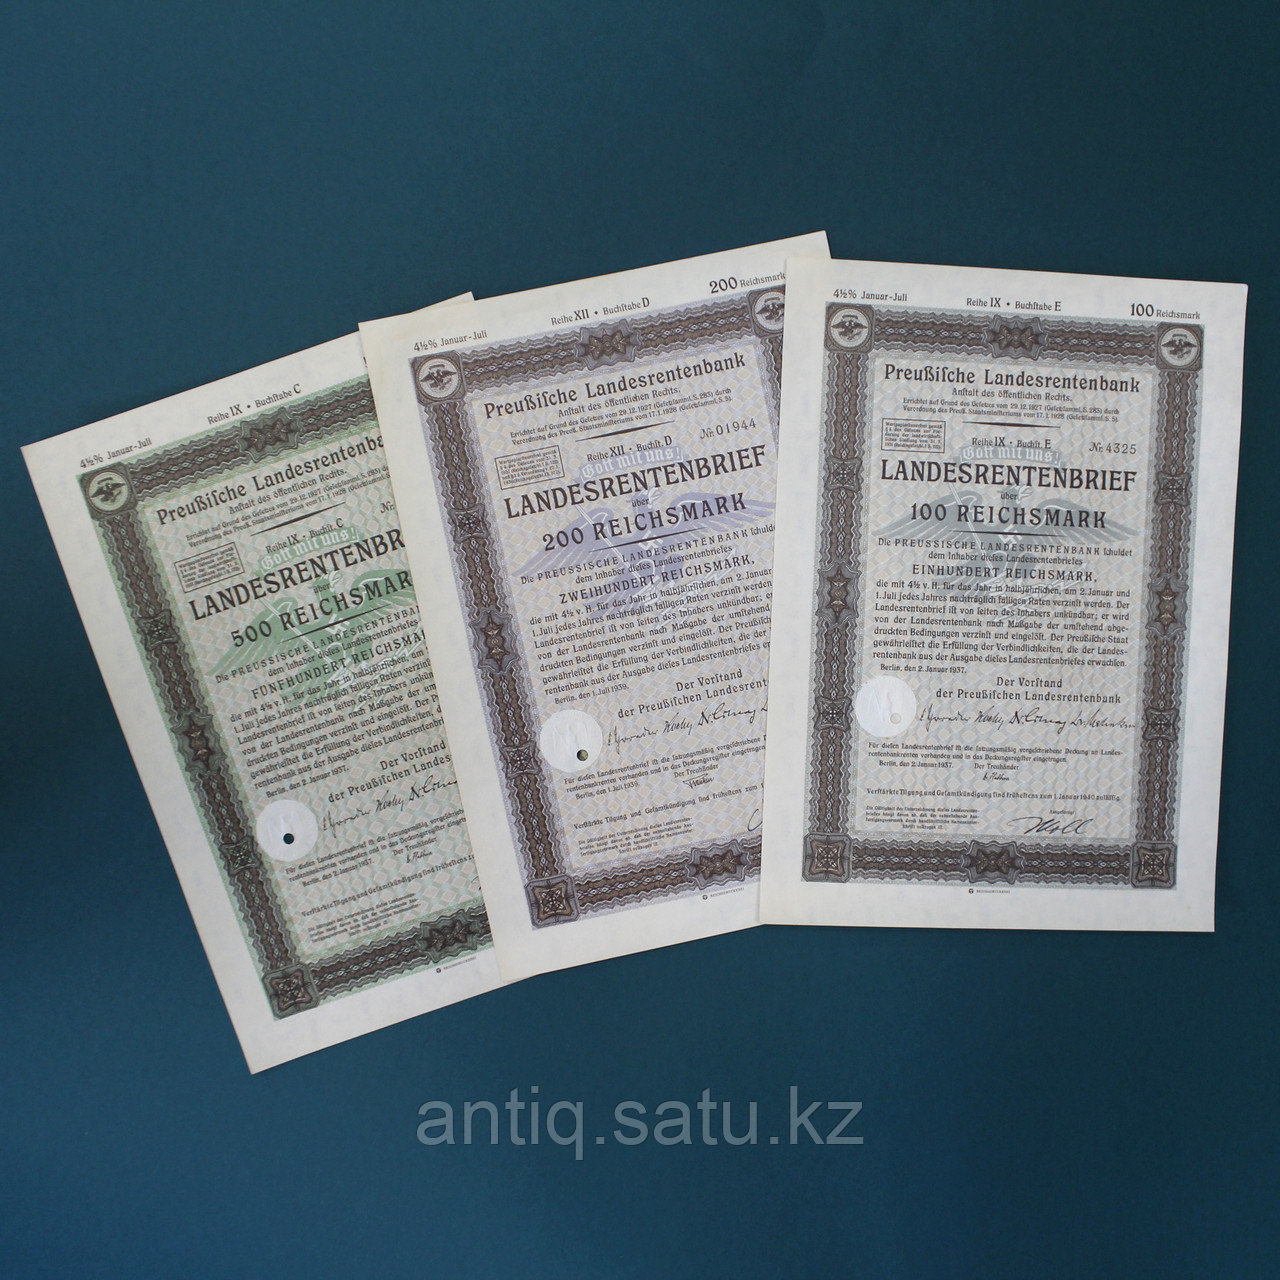 Ценные бумаги Третьего Рейха. 1940-е годы. - фото 1